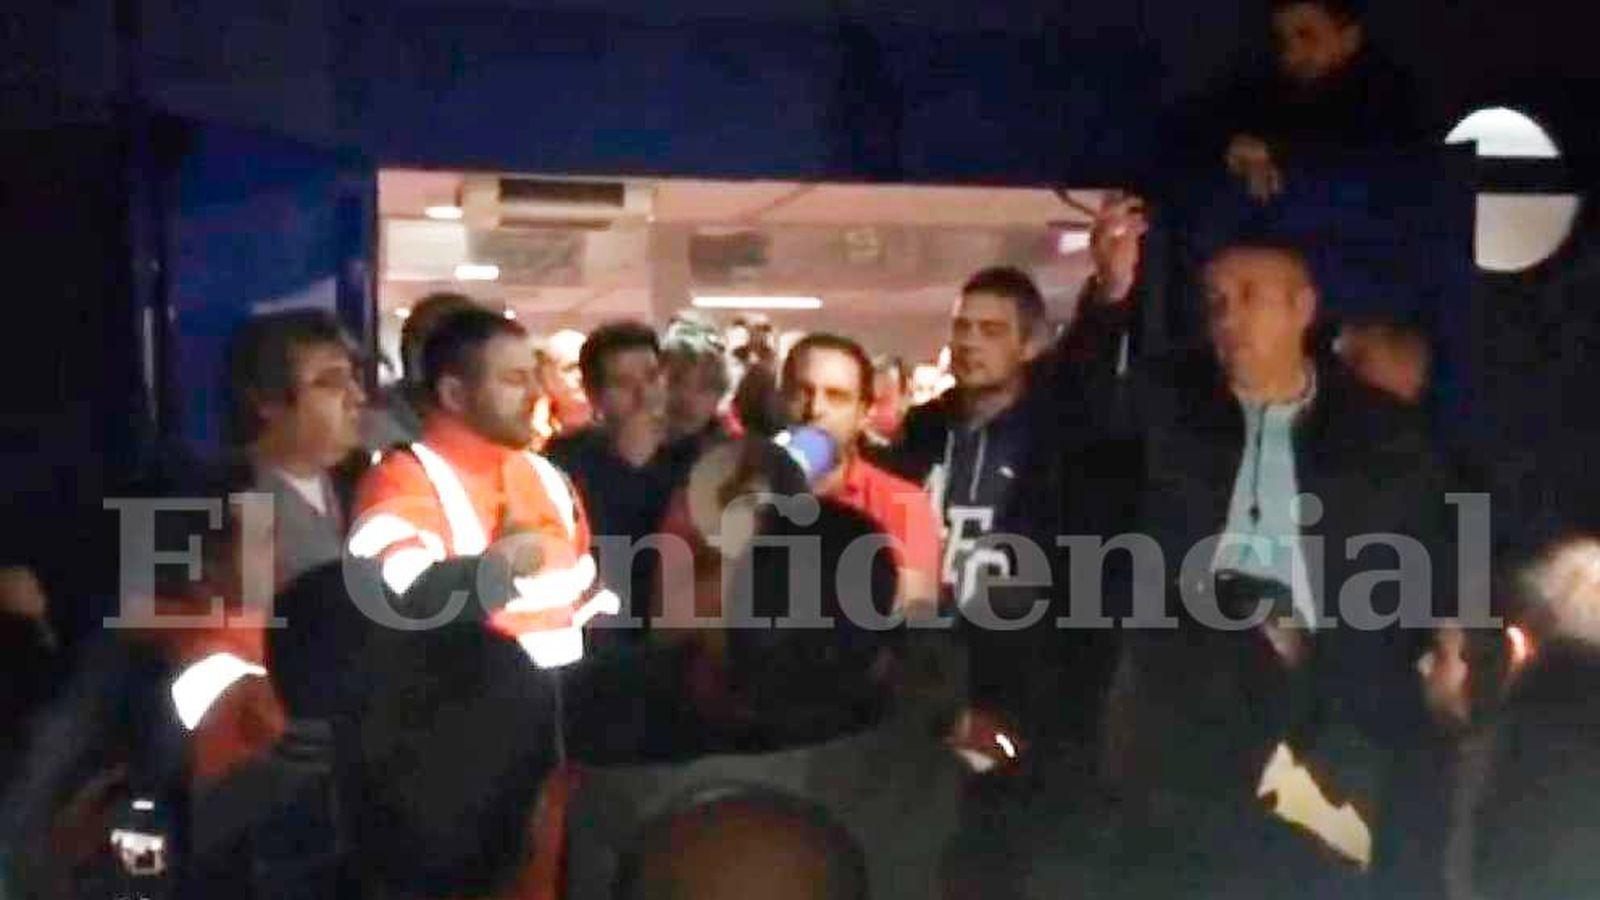 Foto:  Antolín Goya (c), de la Coordinadora Estatal de Trabajadores del Mar, en un momento del vídeo.